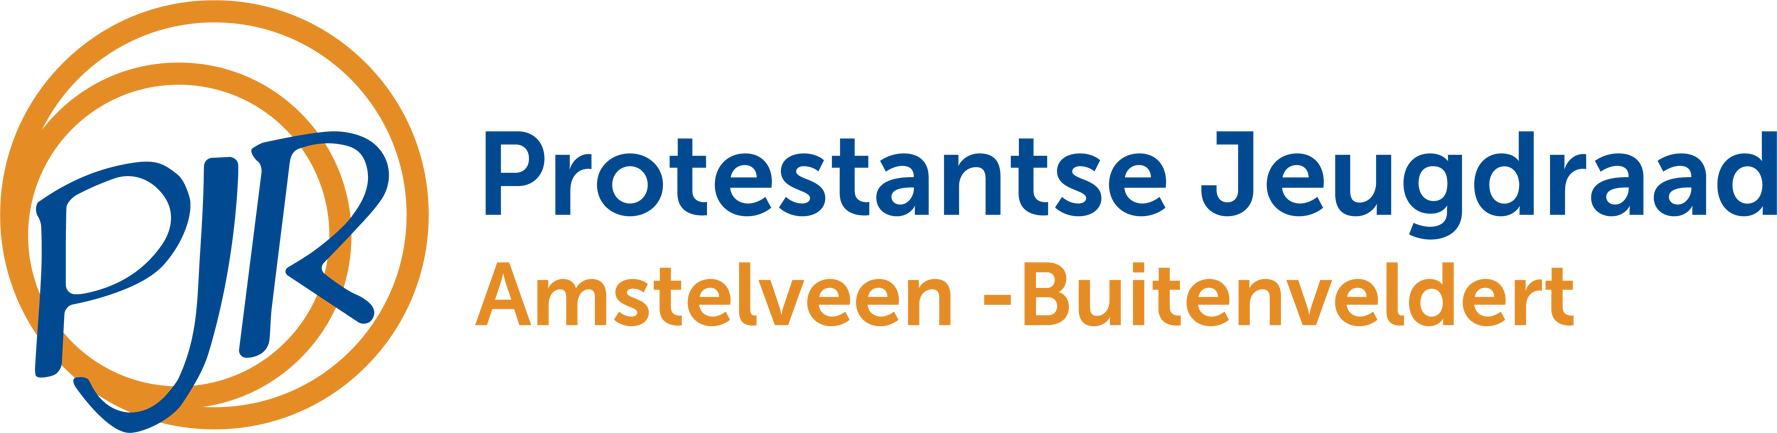 logo pgab